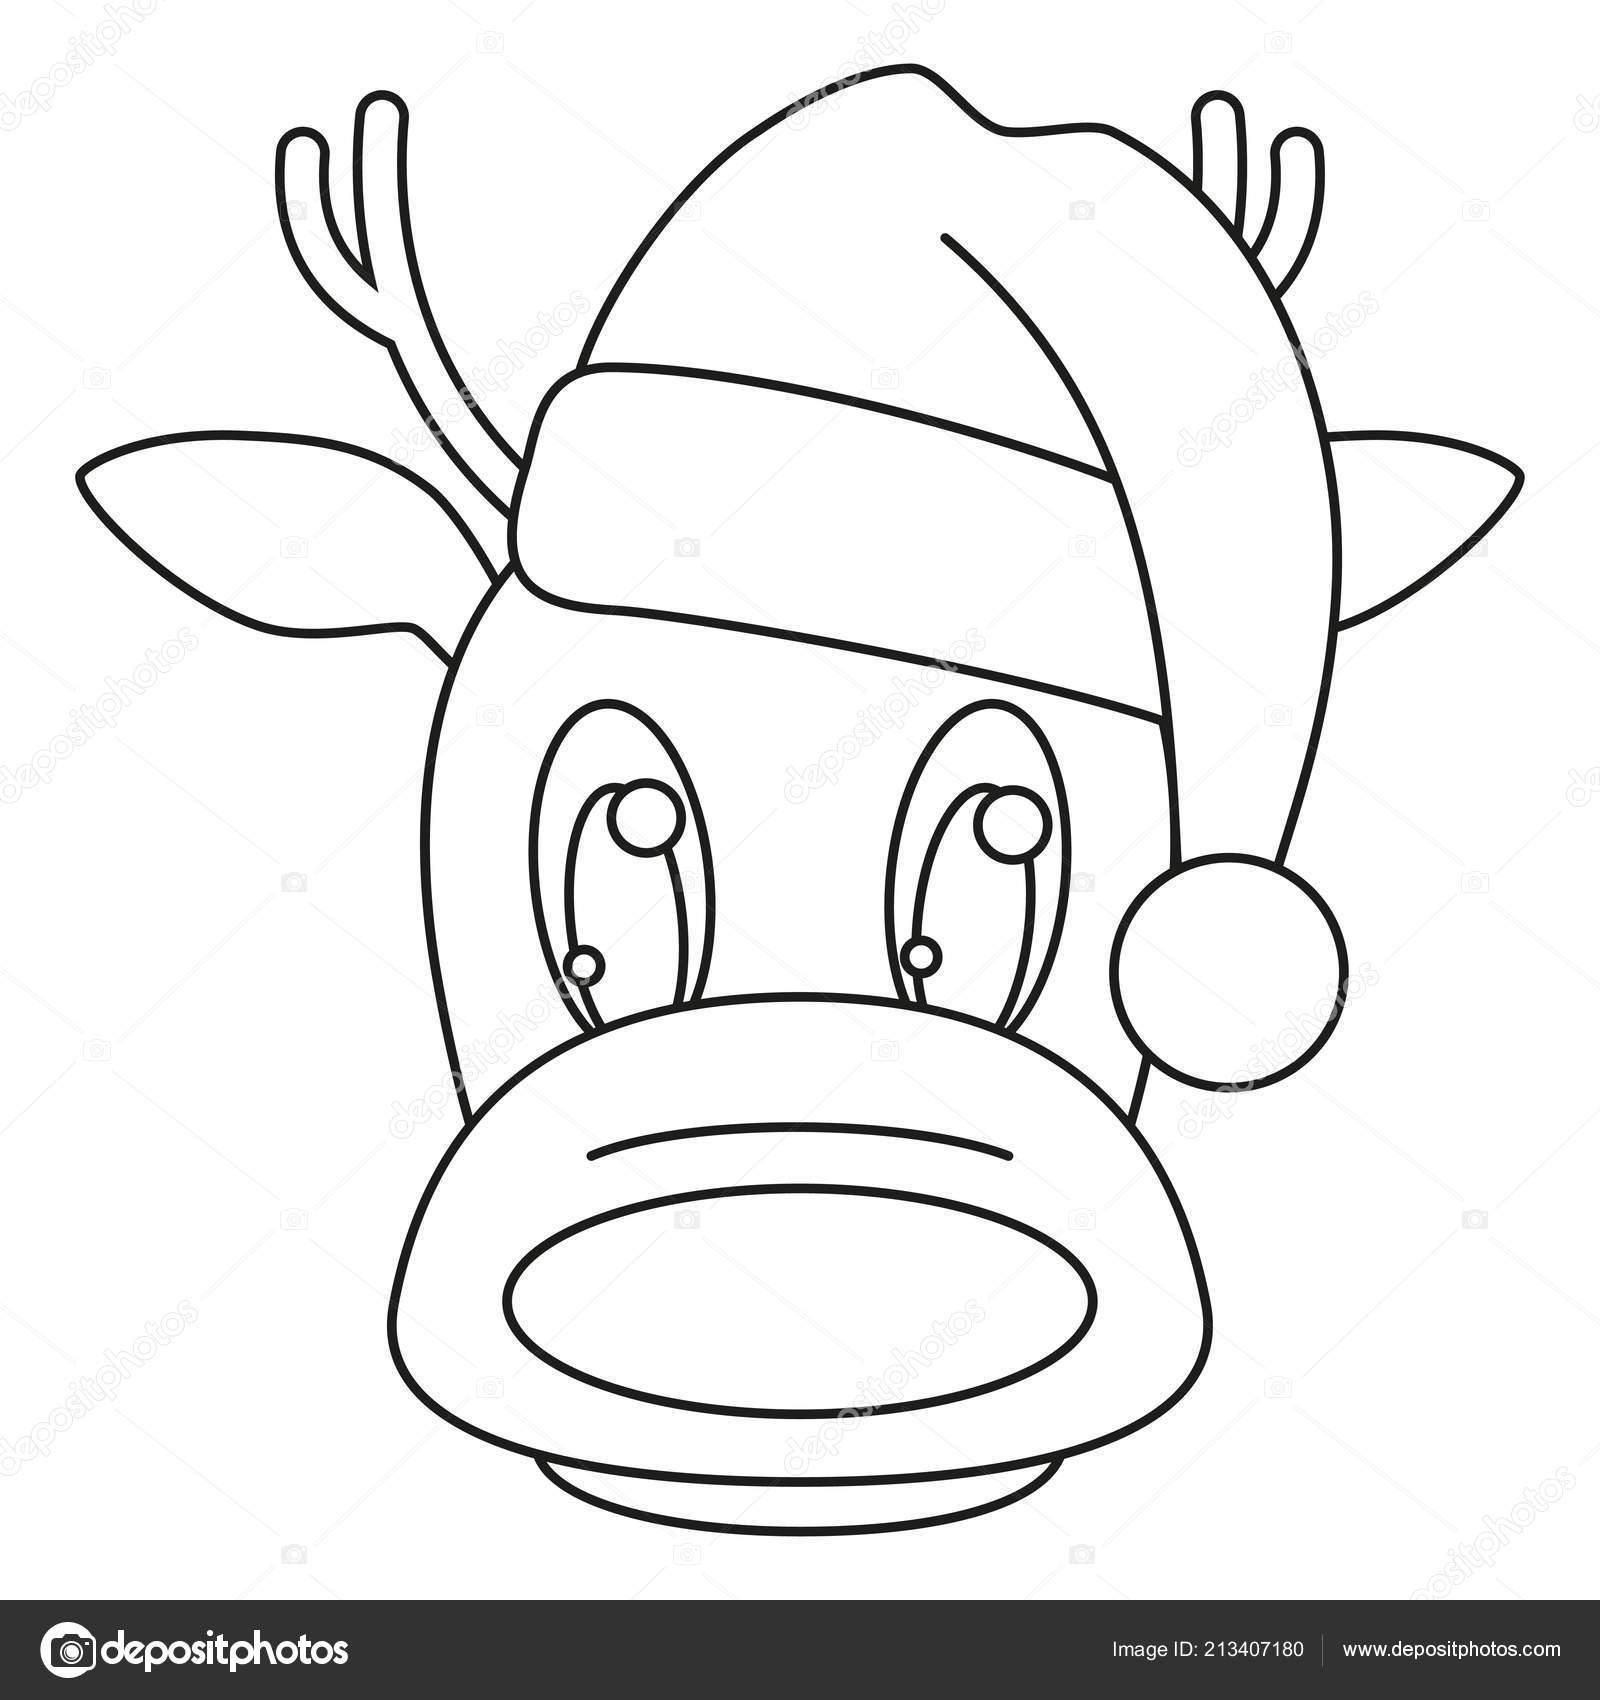 Línea arte de cabeza de Reno blanco y negro en el sombrero. Página de libro  para colorear para niños y adultos. Ilustración de vector con temas de  Navidad ... 4827c76d283